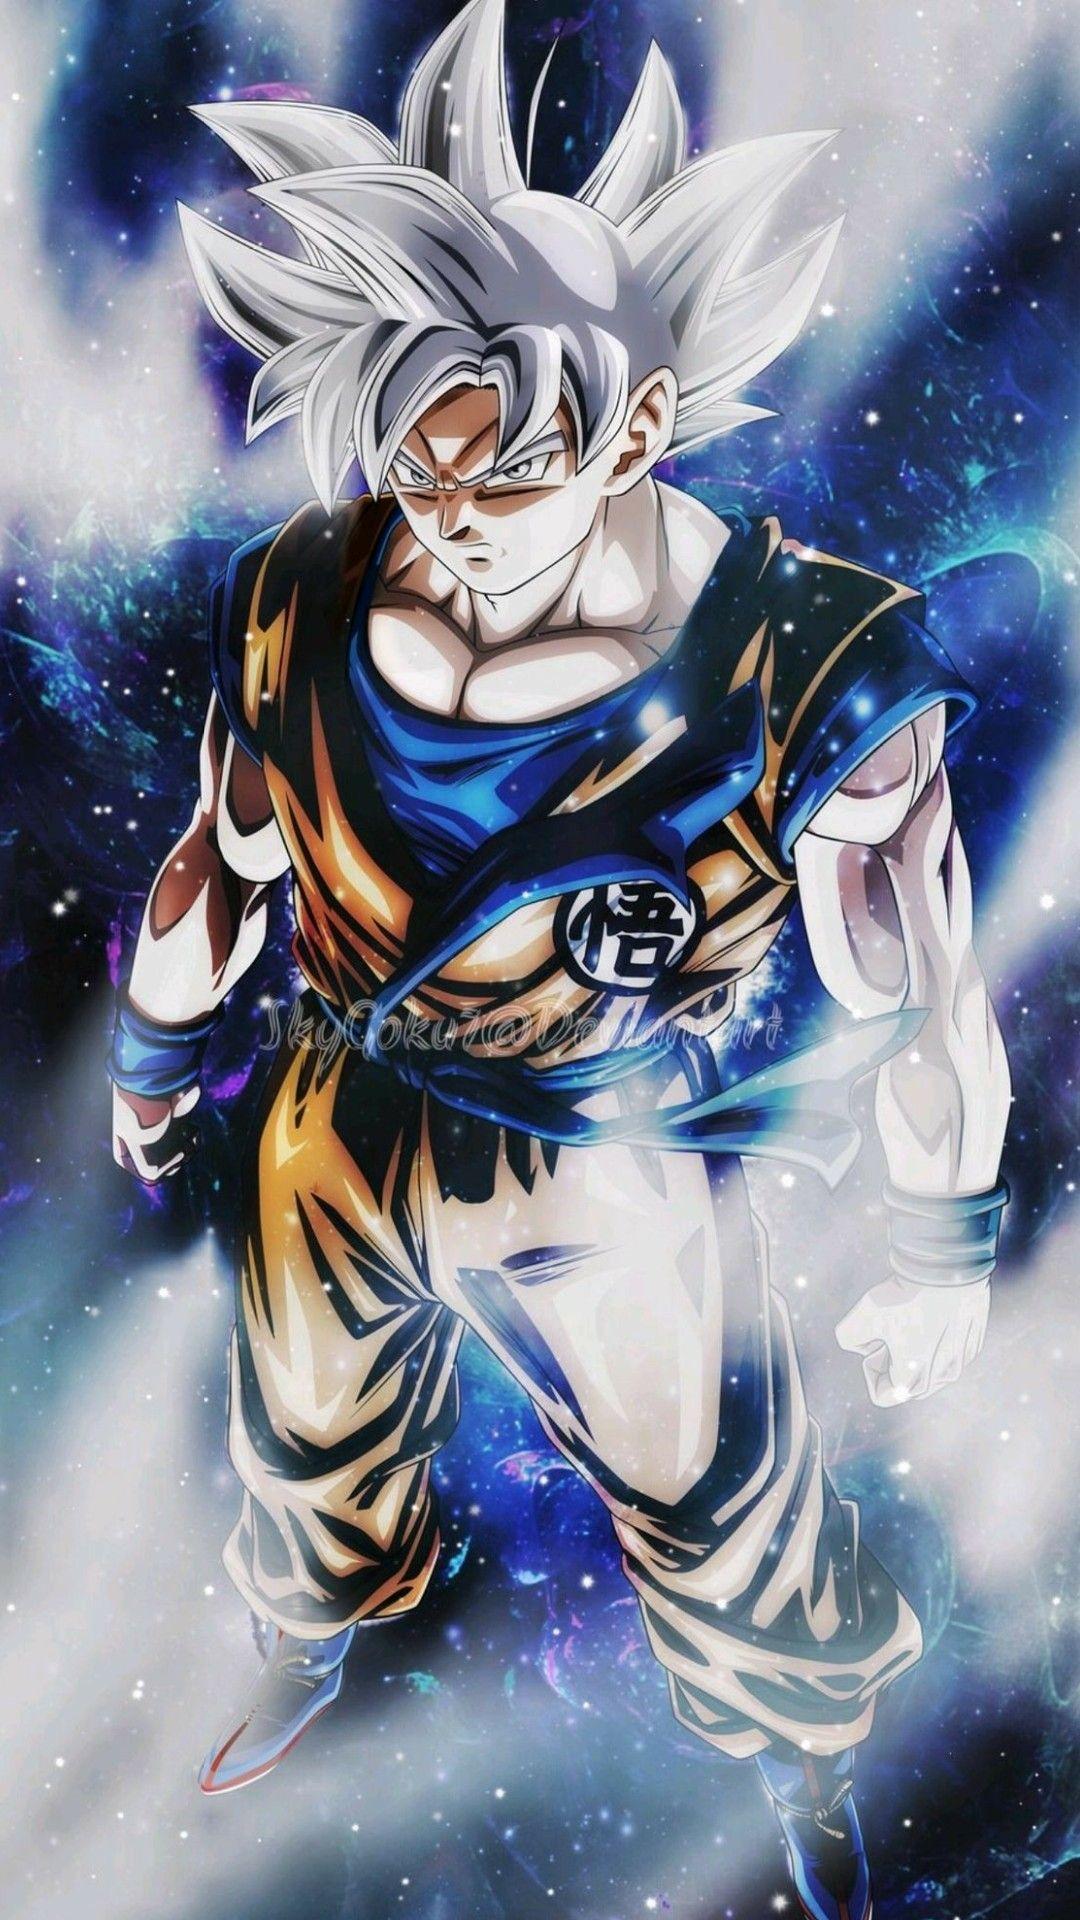 Gokú migatte no gokui dominado | Anime dragon ball super, Dragon ball super  goku, Dragon ball super manga